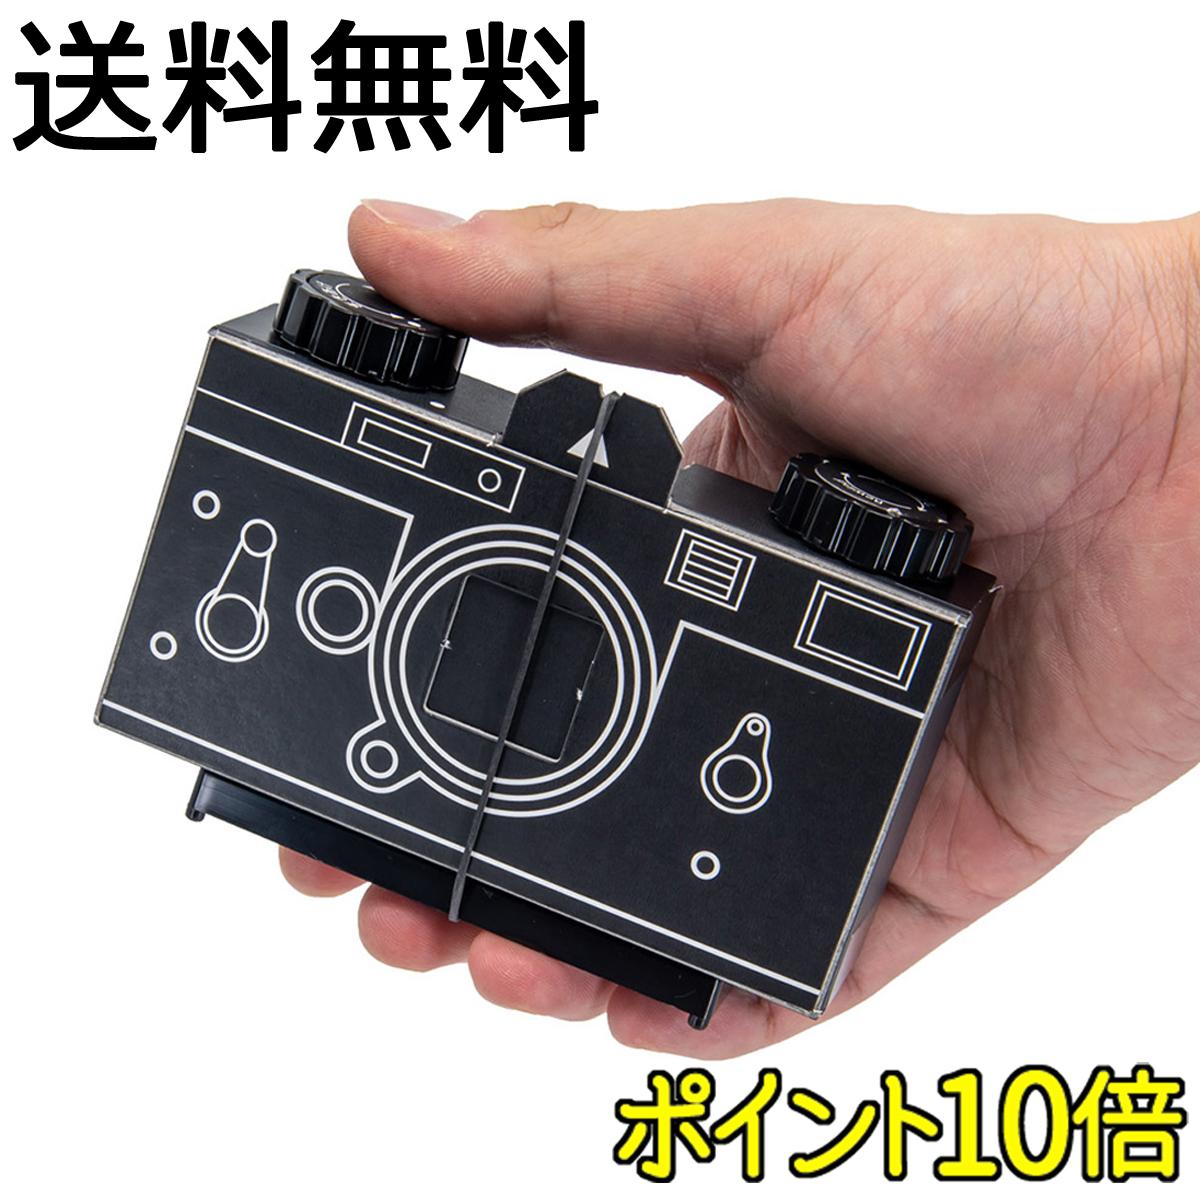 ポイント10倍 送料無料  ピンホールカメラ KPC-135 King ペーパークラフト アナログカメラ フィルムカメラ キング kpc135 夏休み 自由研究